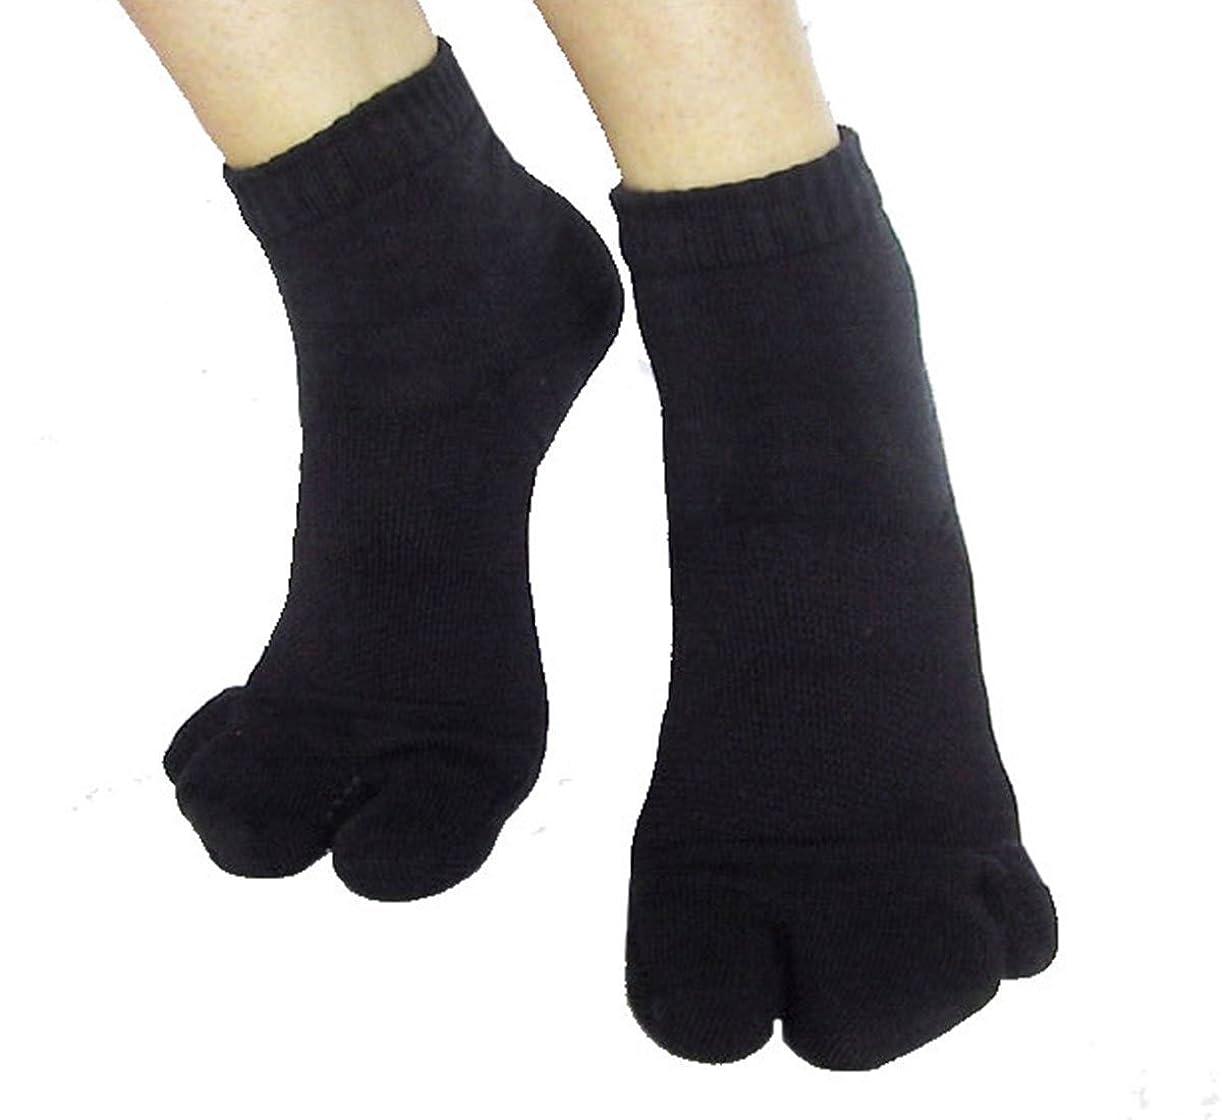 ビリーヤギ反動メディカルカサハラ式サポーター ホソックス3本指テーピング靴下 ブラック S22-23cm